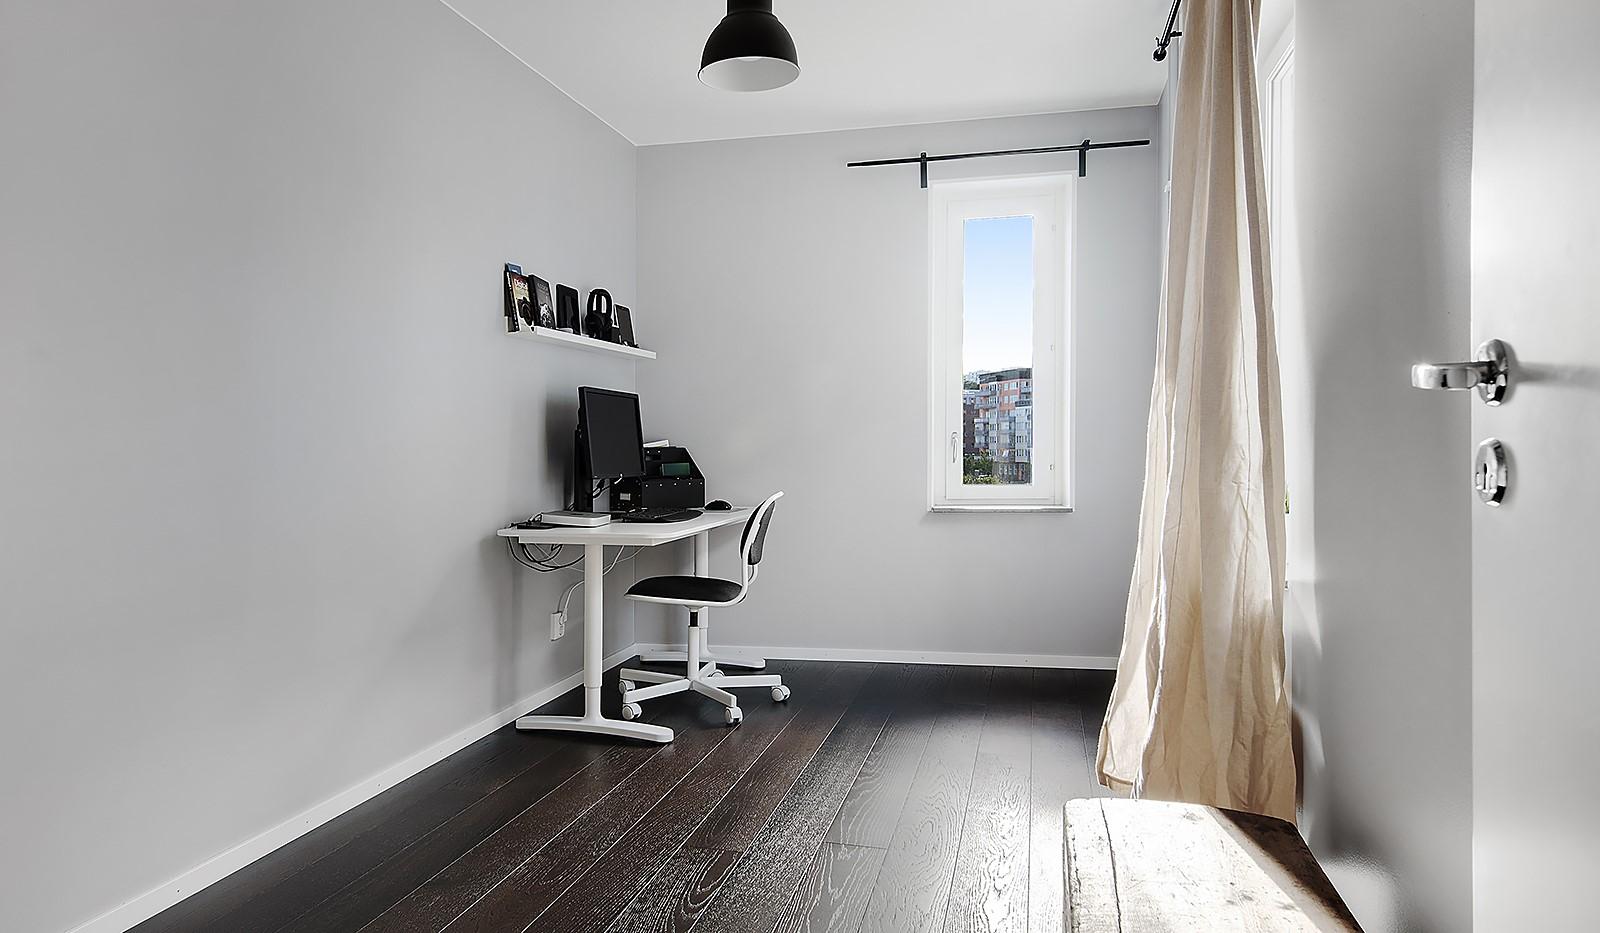 Oskarslundsbacken 1, 2tr - Mysigt sovrum som även går att använda som kontor